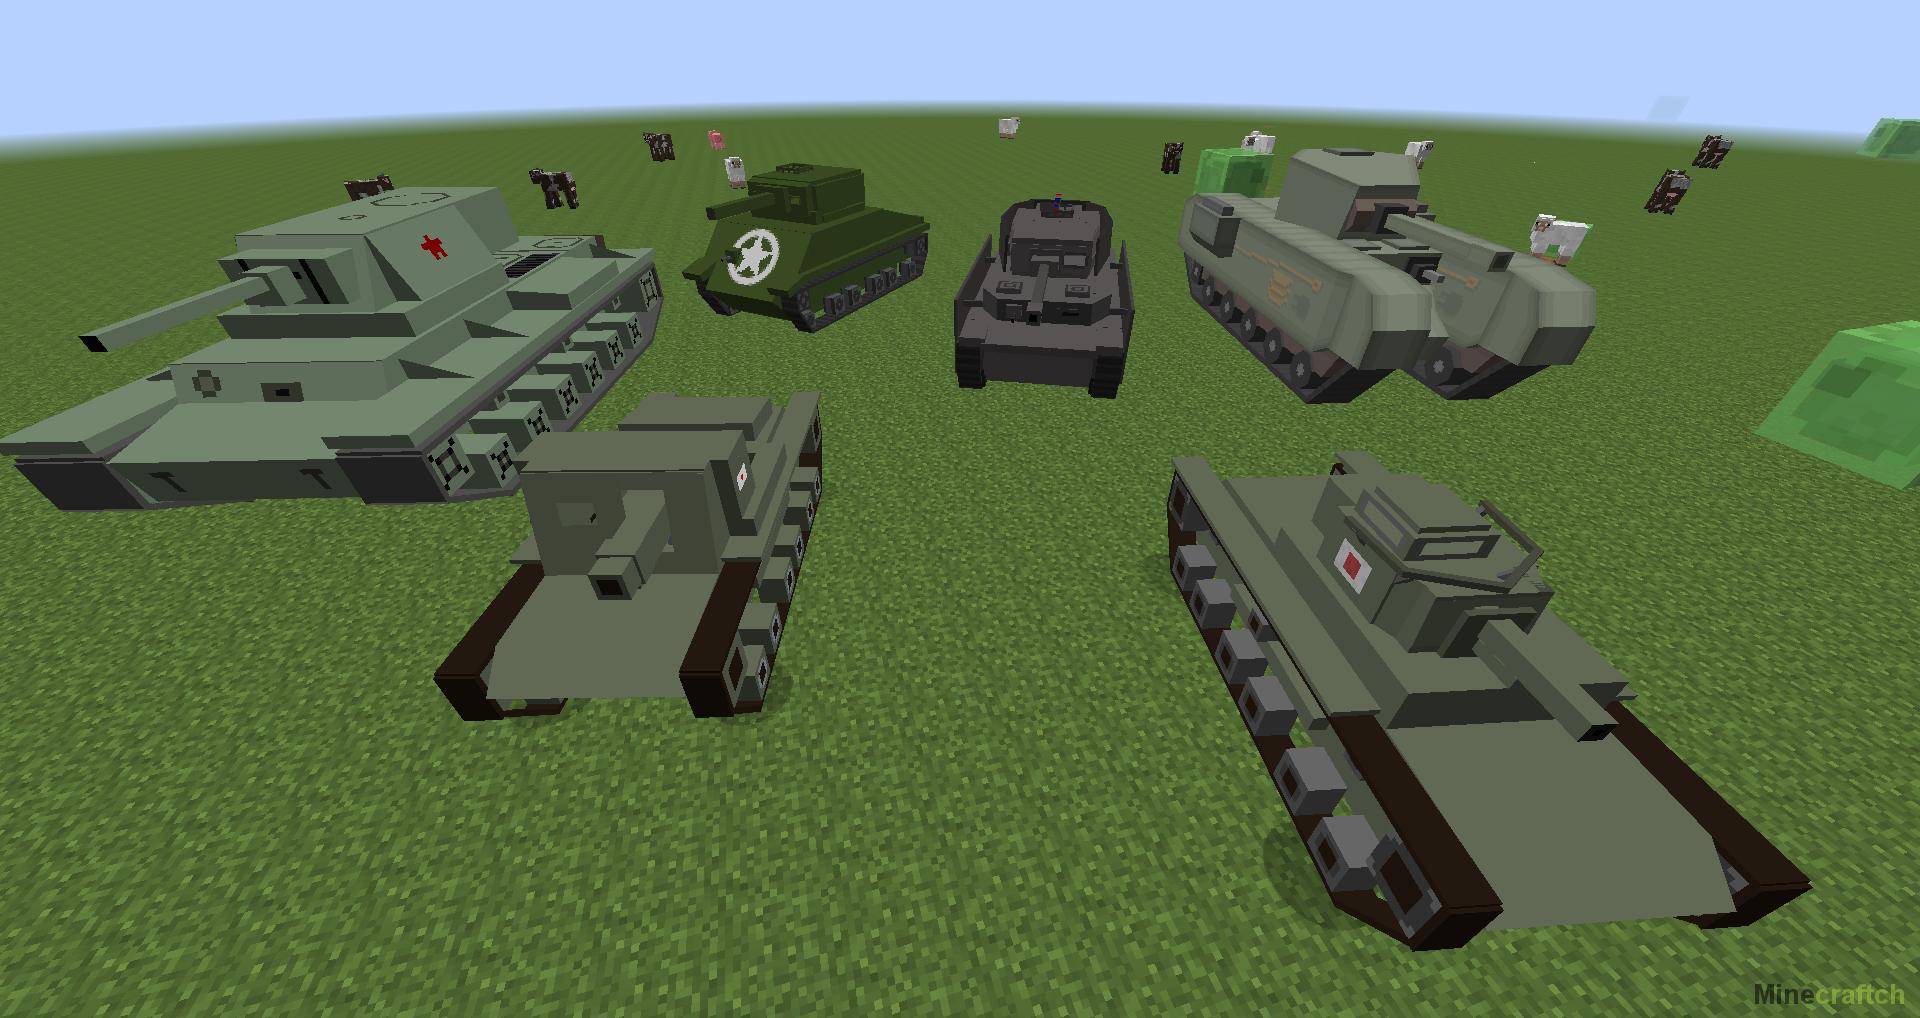 мод на майнкрафт 1.7.10 танки #9